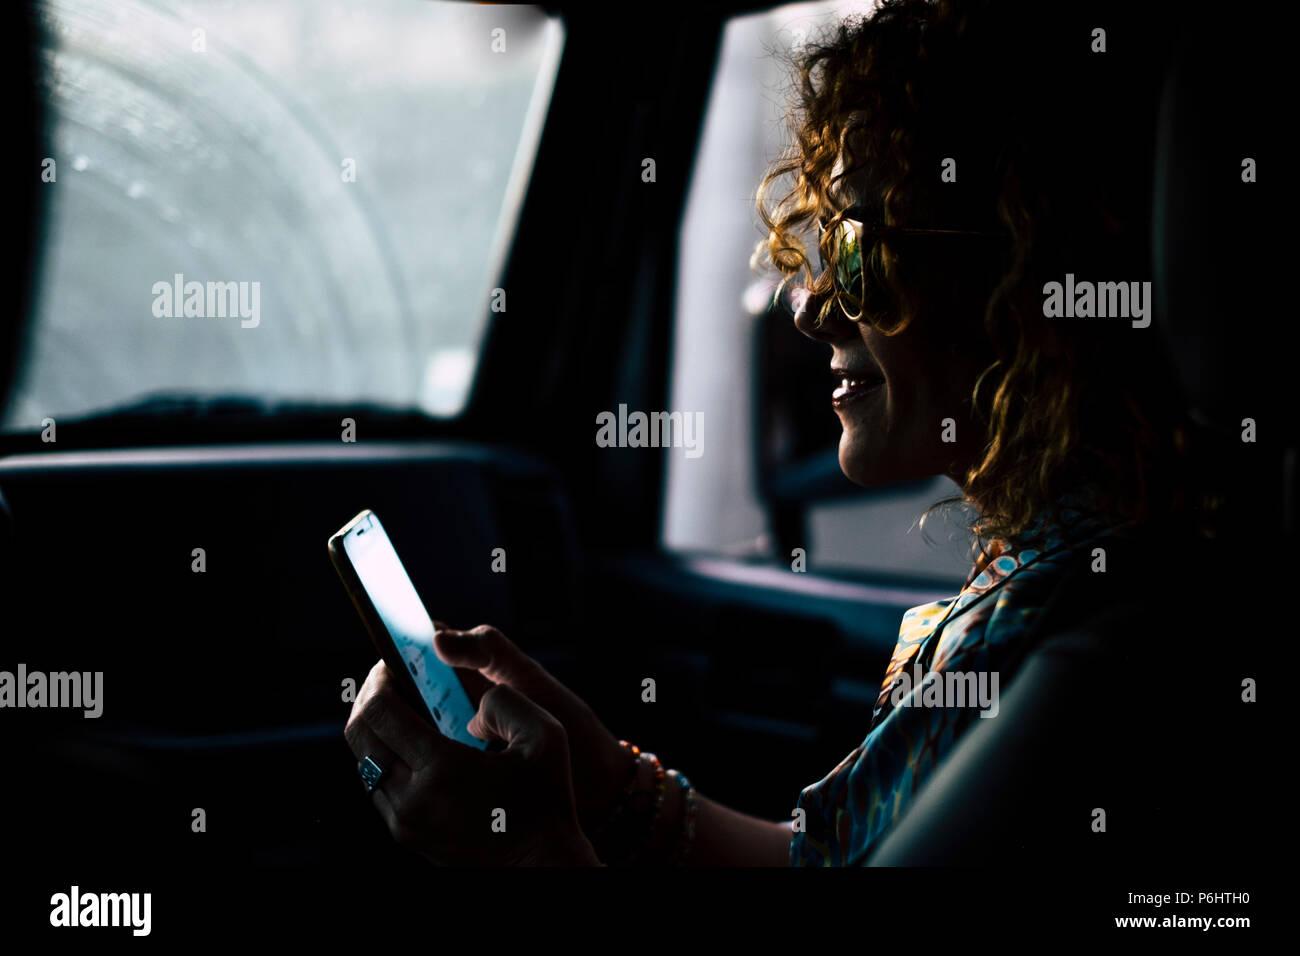 Bella bella età media donna viaggiare all'interno di una vettura shile pioggia fuori. utilizzando uno smartphone che consente di connettersi e di chiamare i tuoi amici e incontrare per la notte a celeb Immagini Stock